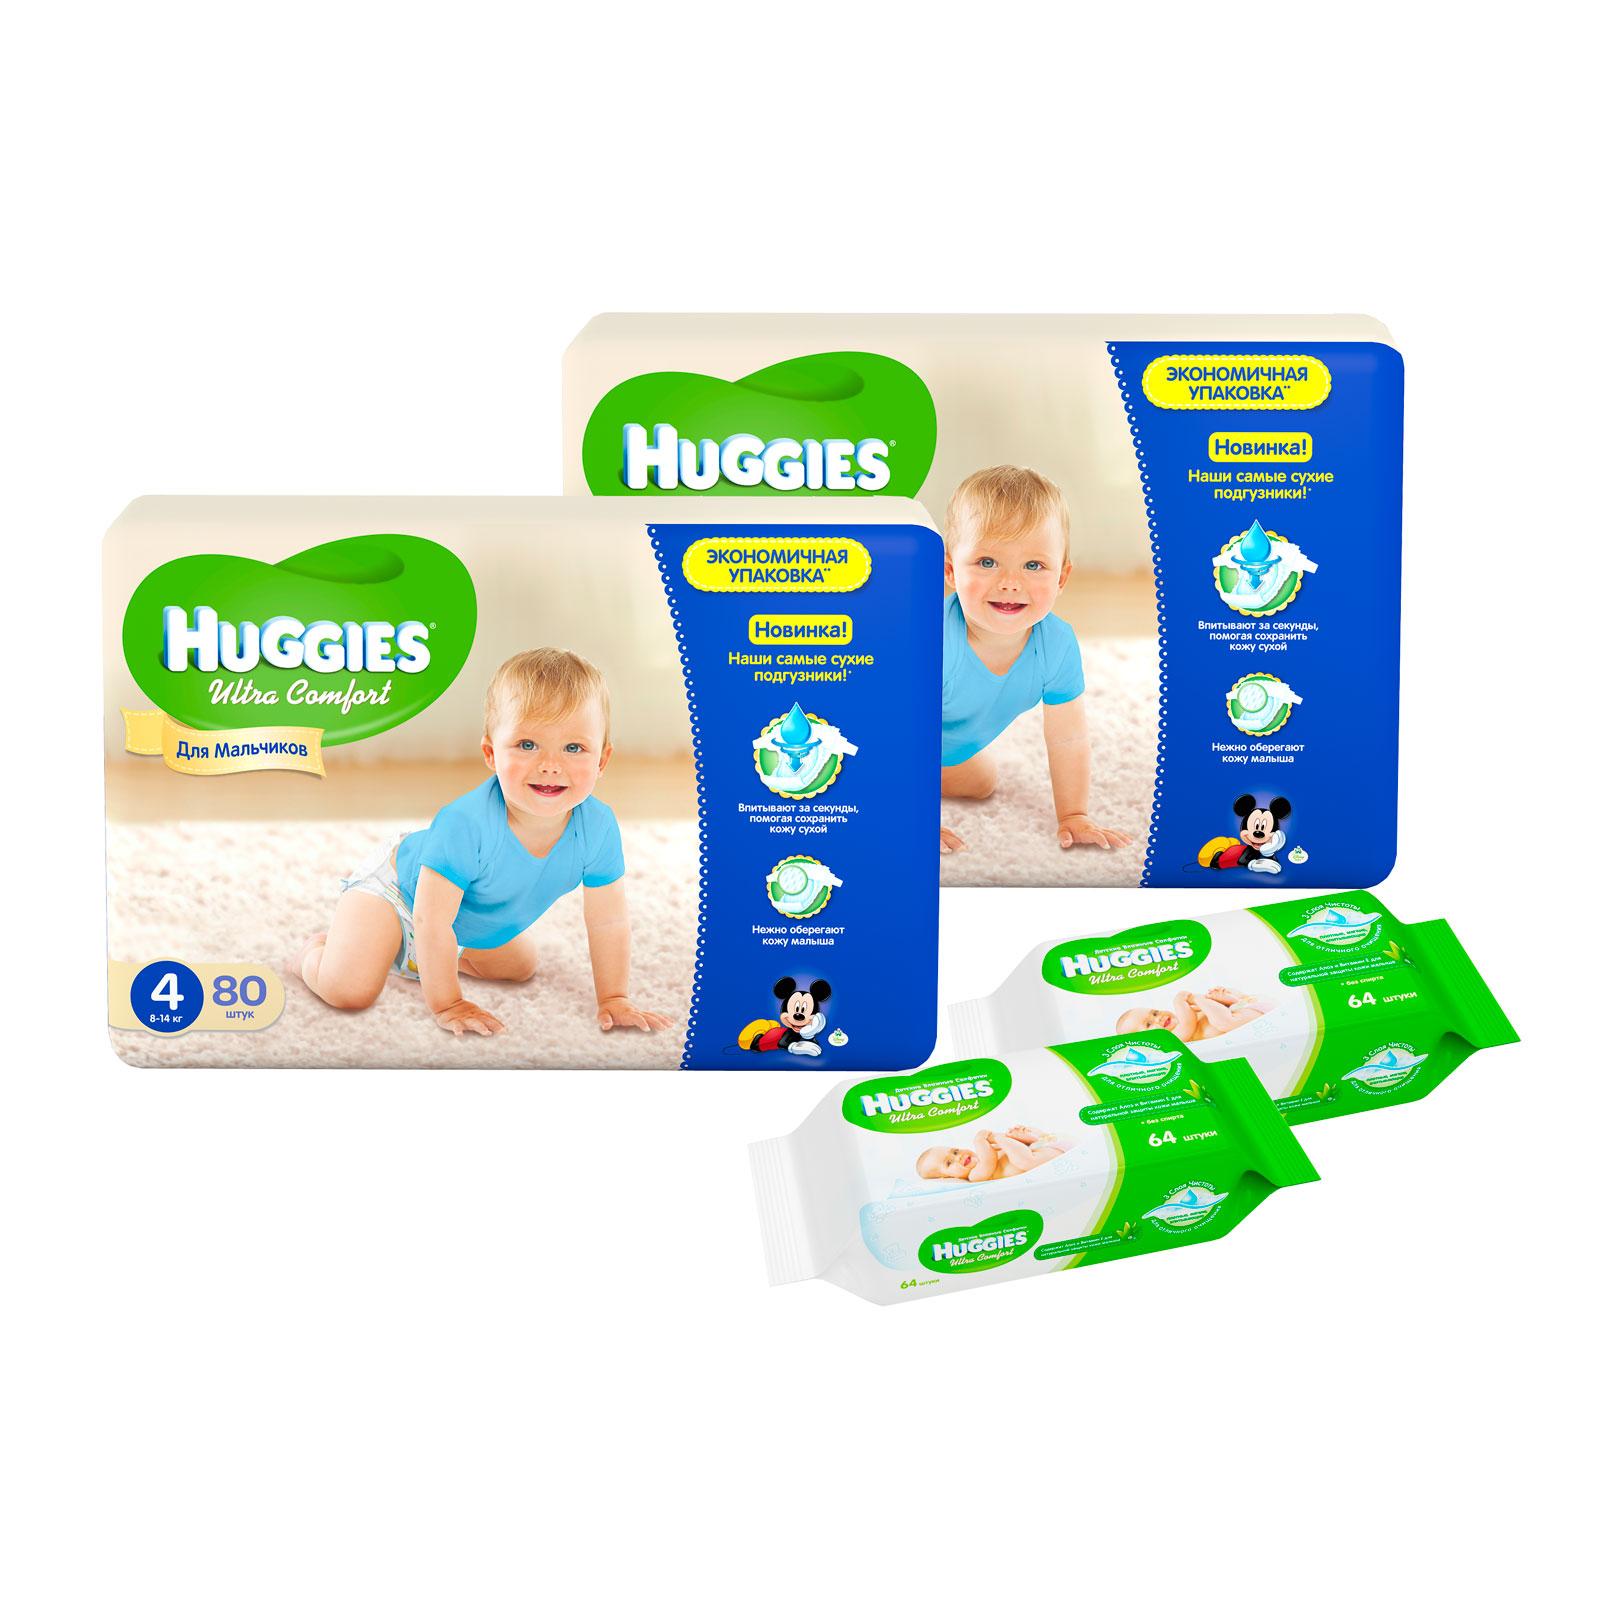 Набор Huggies № 6 Ультра Комфортный для мальчиков<br>